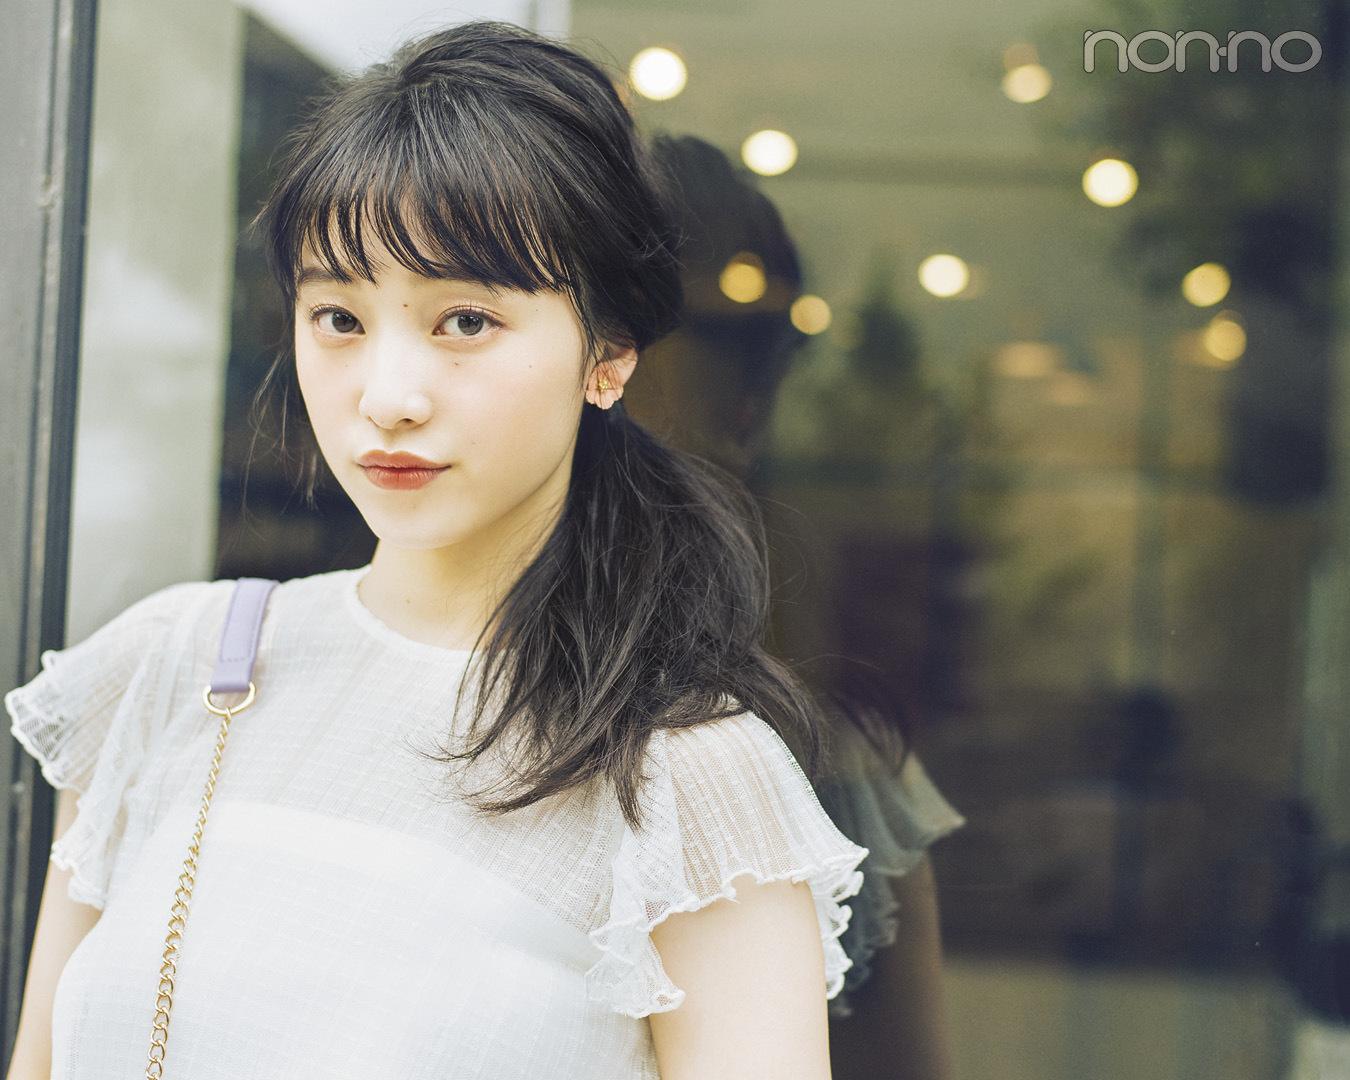 ノンノモデル山田愛奈が美しすぎる! ロングの#彼女感なサイドまとめ髪_1_1